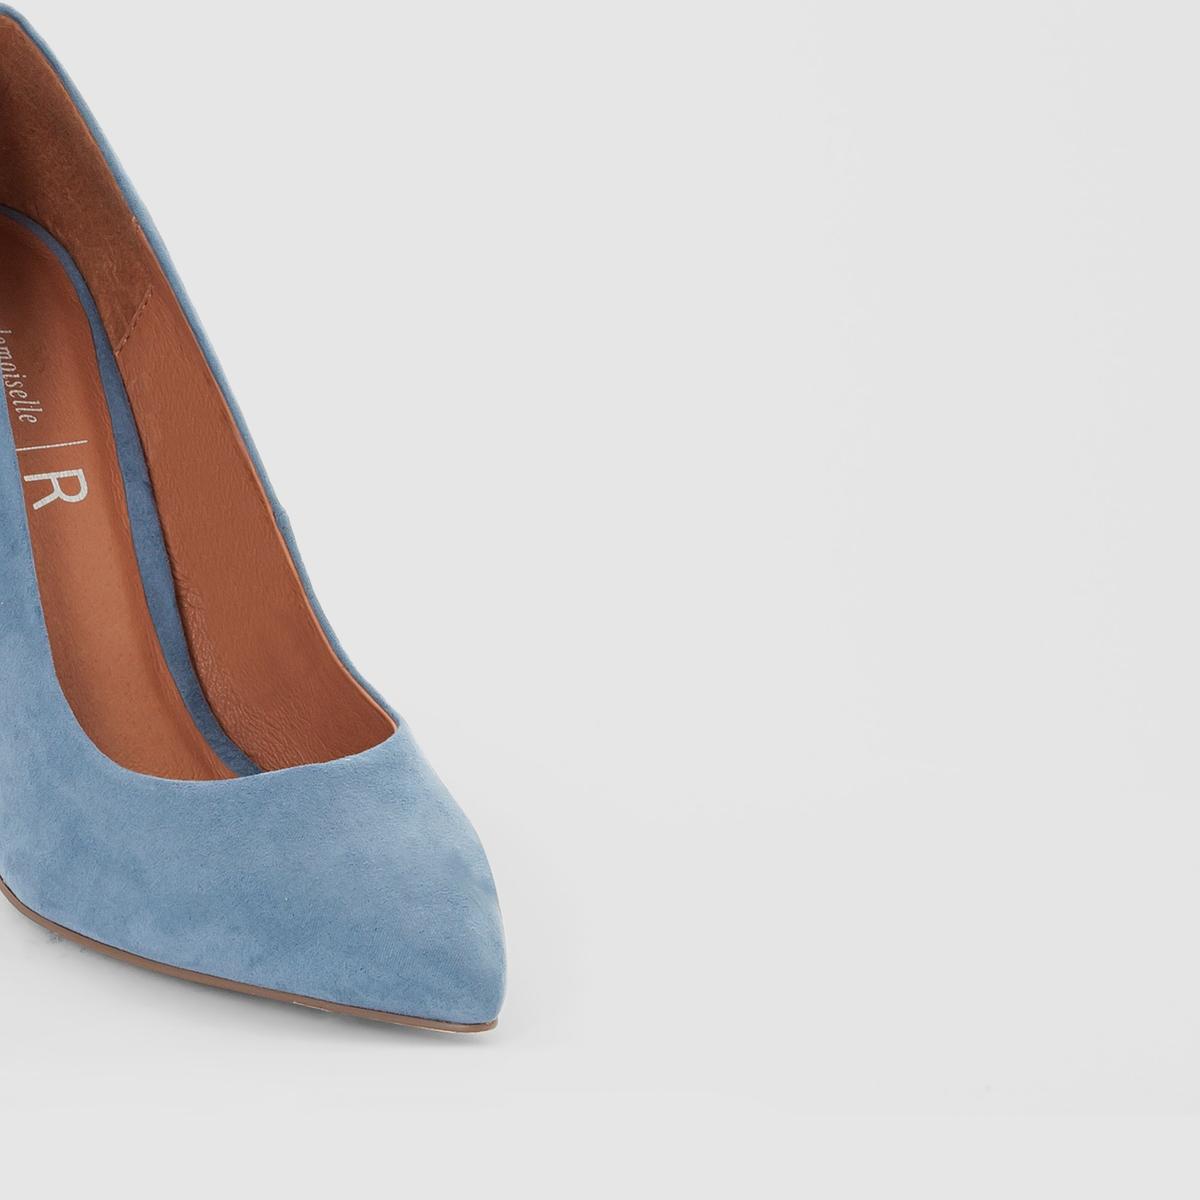 Туфли на каблуке с блёсткамиВерх/Голенище : Синтетический материал под замшу                 Подкладка : кожа             Стелька : кожа             Подошва : эластомер             Высота каблука : 9 см                 Форма каблука : высокий             Мысок : заостренный             Застежка : Без застежки<br><br>Цвет: синий,черный<br>Размер: 41.36